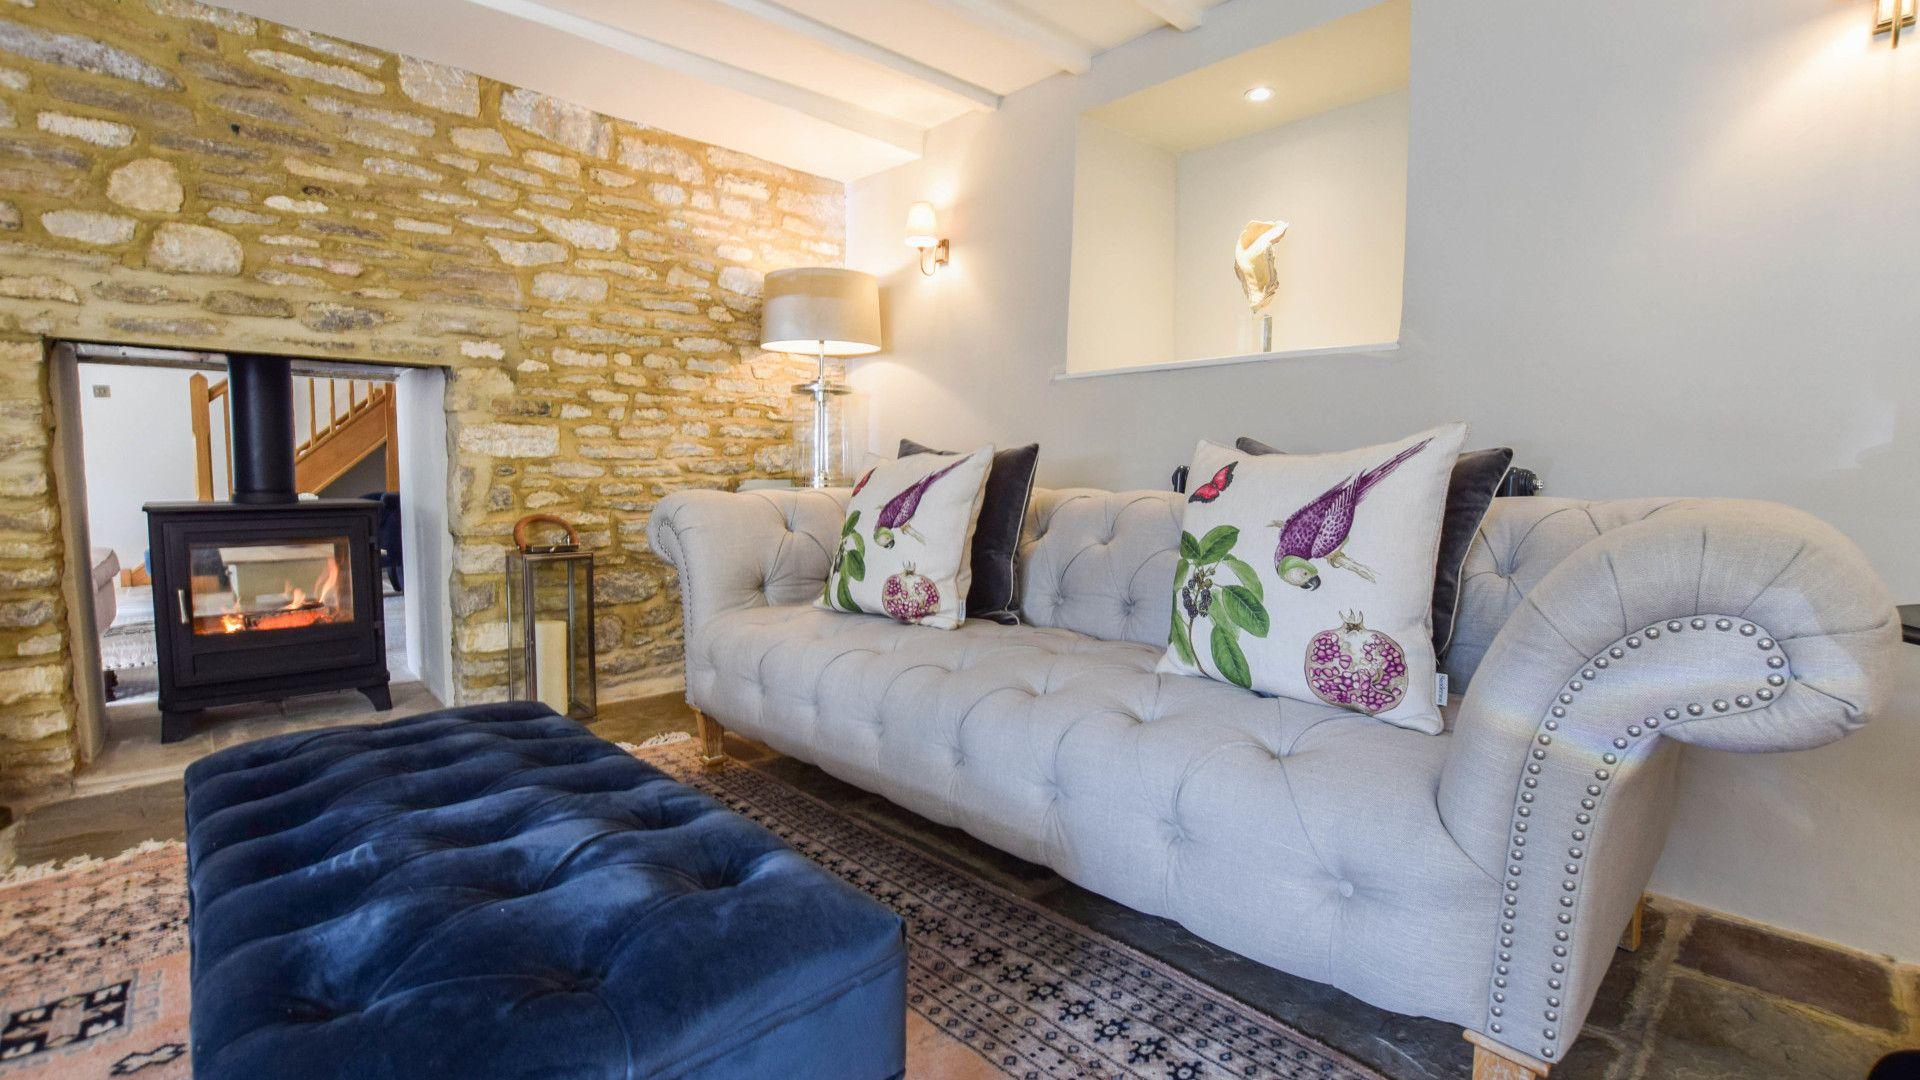 Living room with log burner, Lovell Cottage, Bolthole Retreats